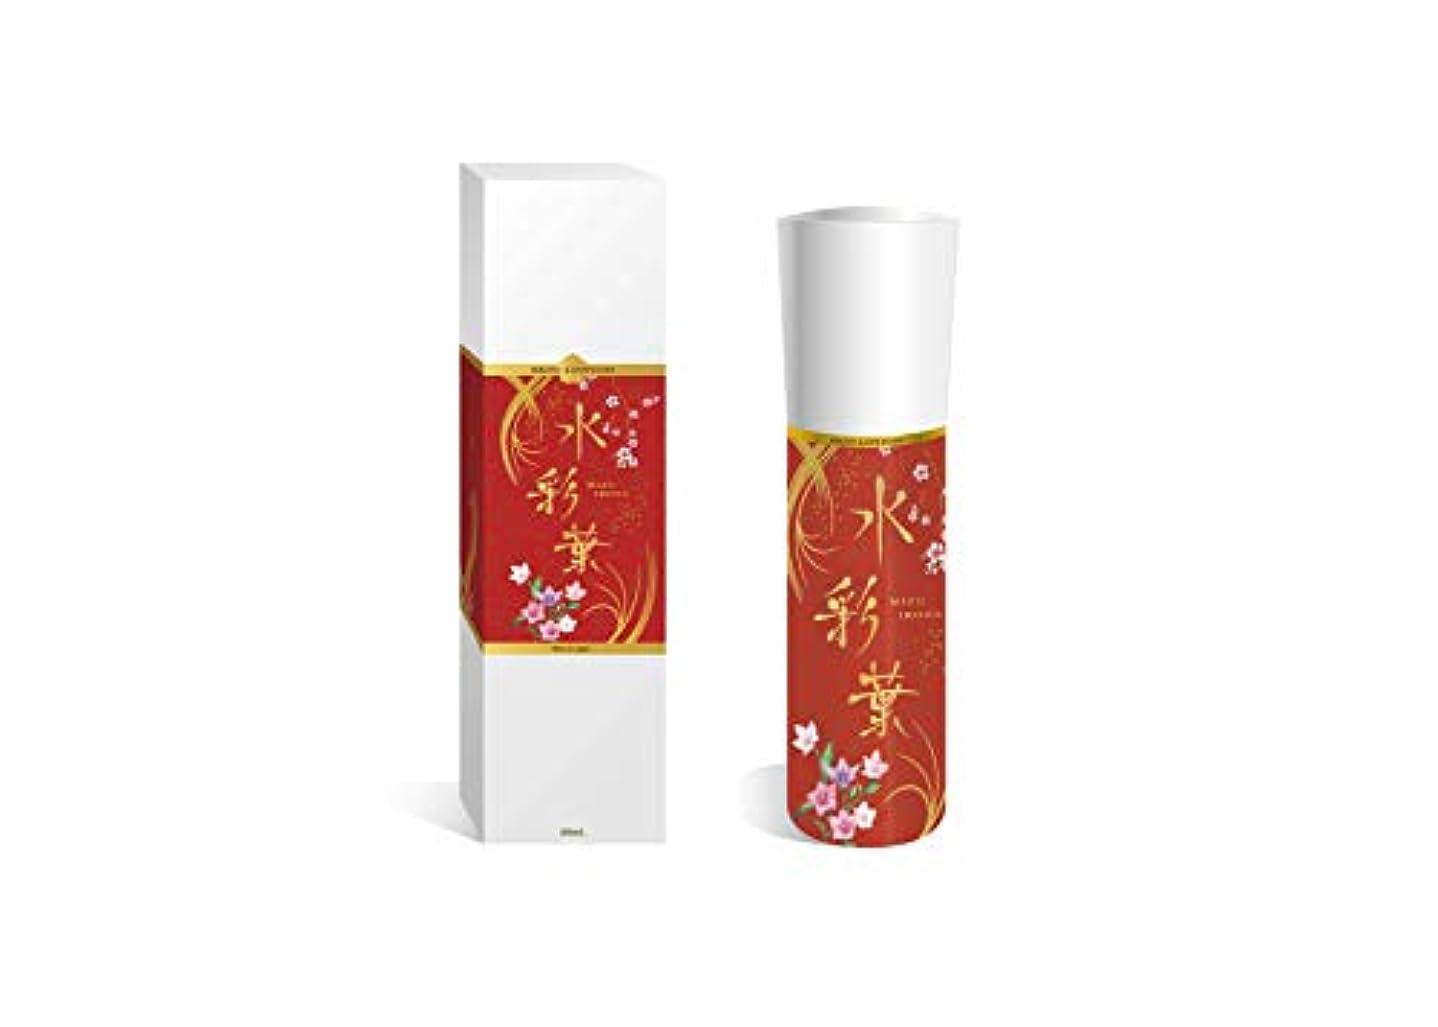 バランスのとれた長くするタウポ湖水彩葉 化粧水 (ボトル色:赤) 【 高保湿 防腐剤フリー トレハロース ヒアルロン酸 】